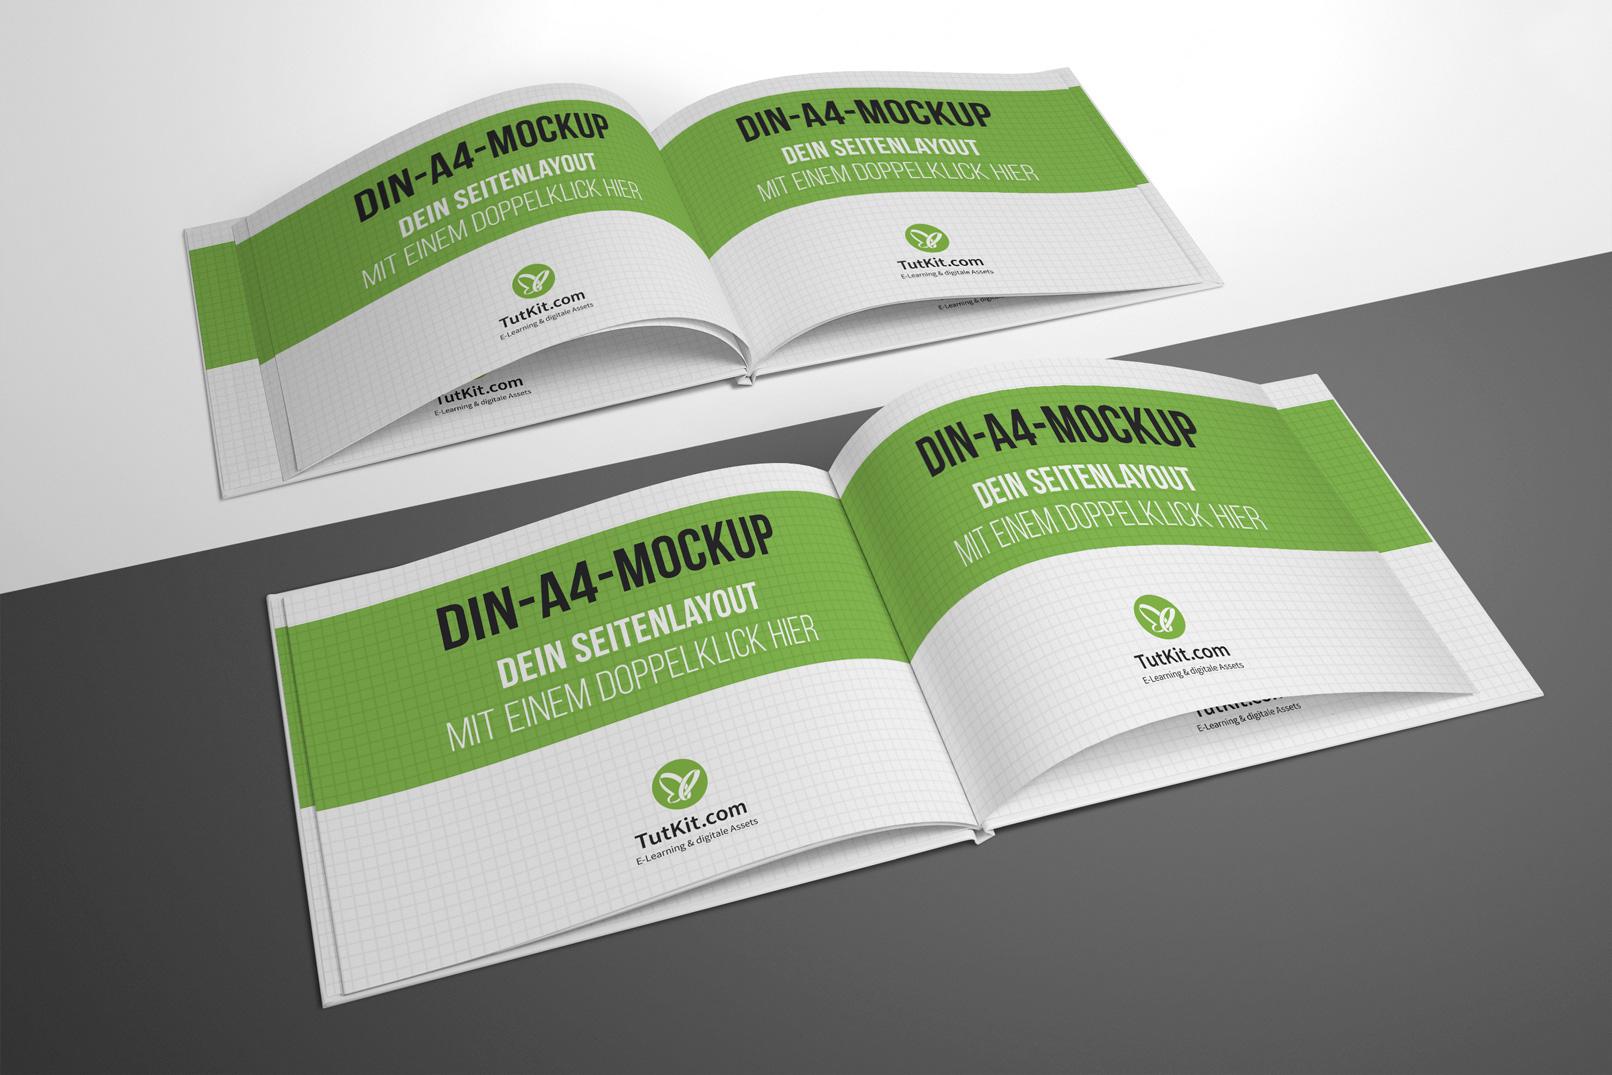 Mockup für Hardcover-Buch